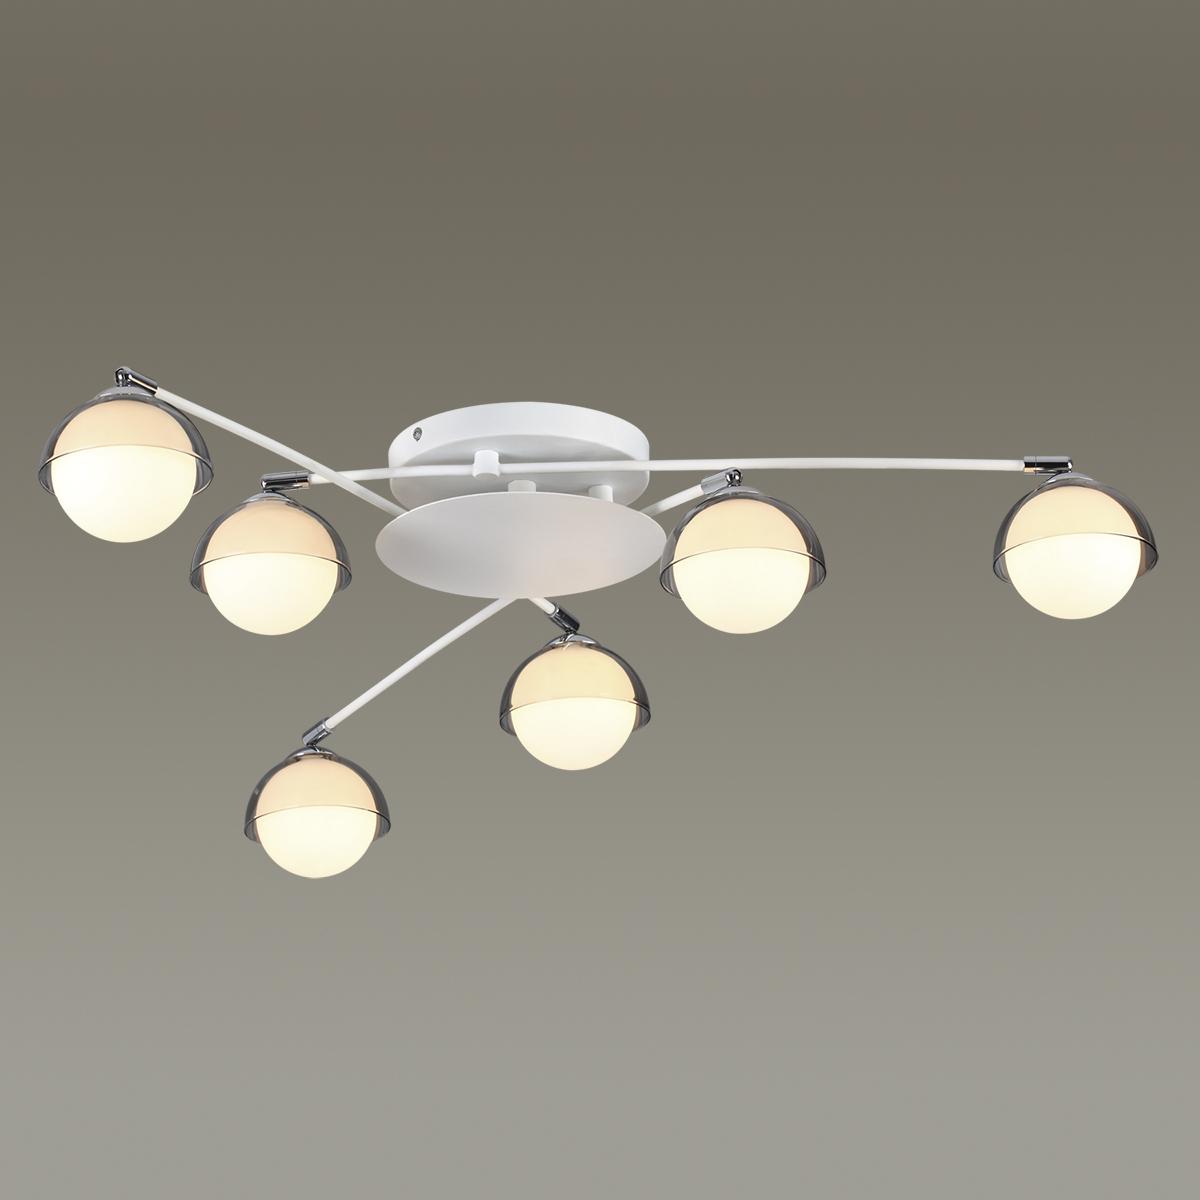 Потолочная люстра с регулировкой направления света Lumion Dondoo 3597/6C, 6xG9x40W, белый, хром, дымчатый, металл, стекло - фото 3